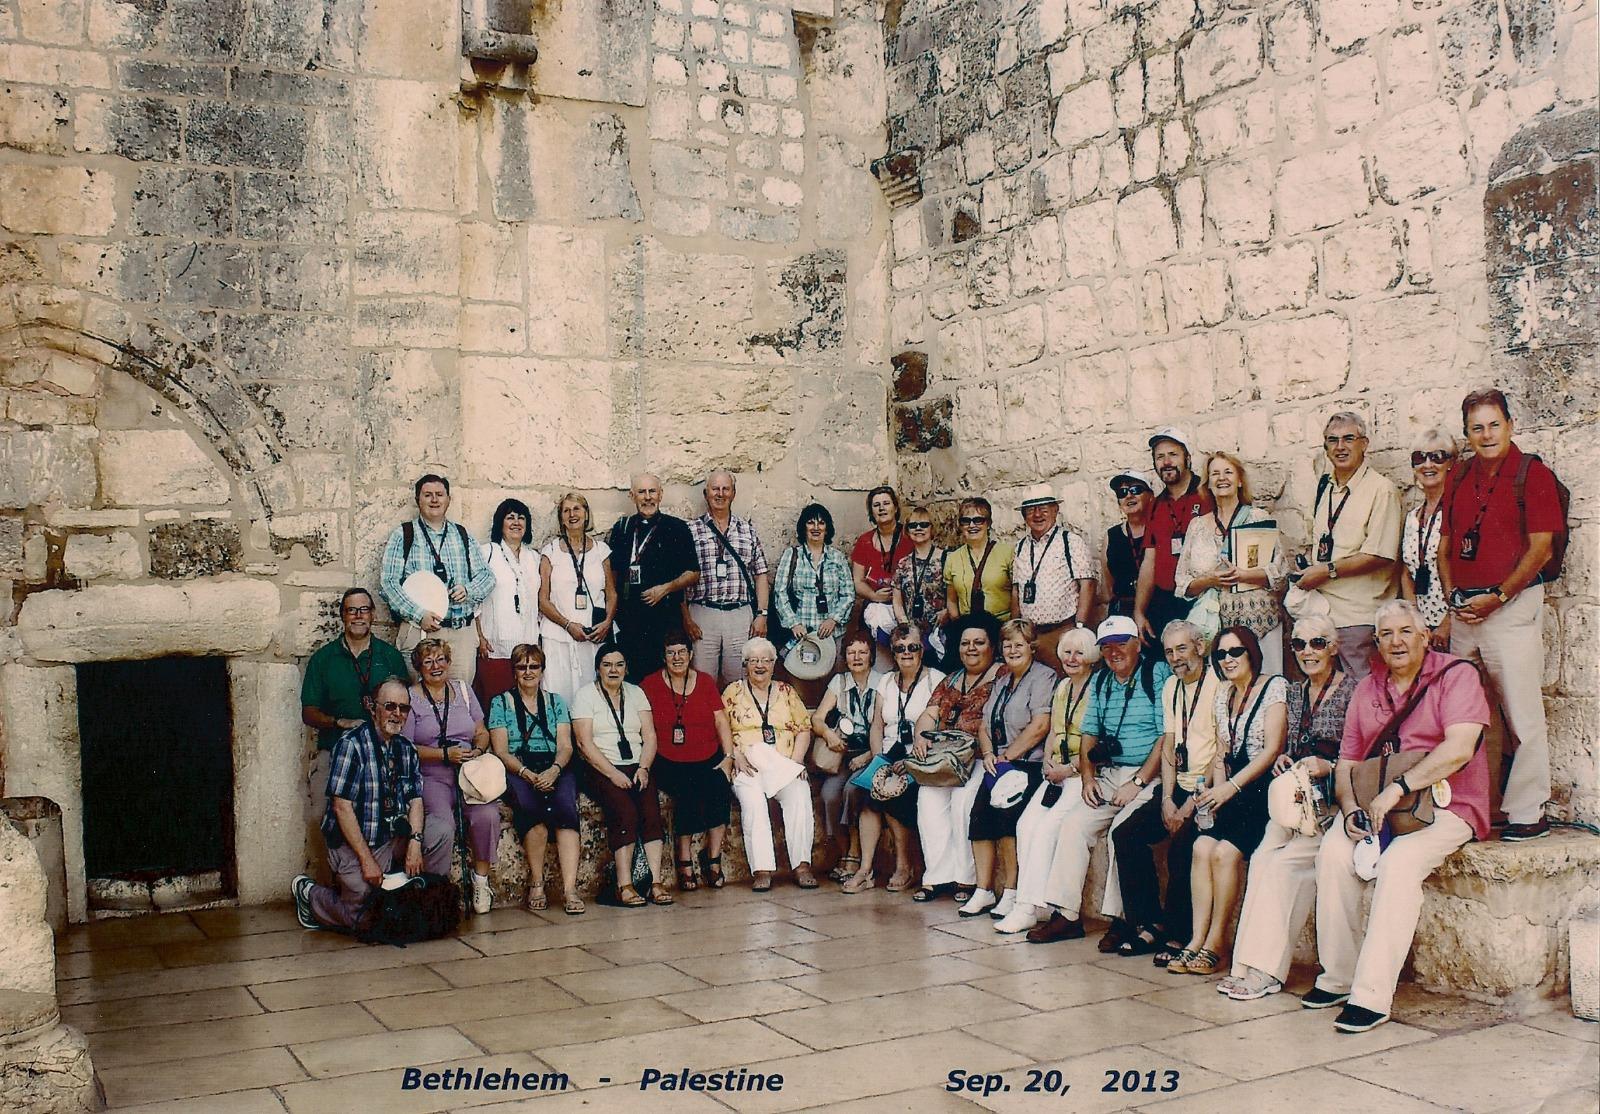 Bethlehem - Palestine 2013